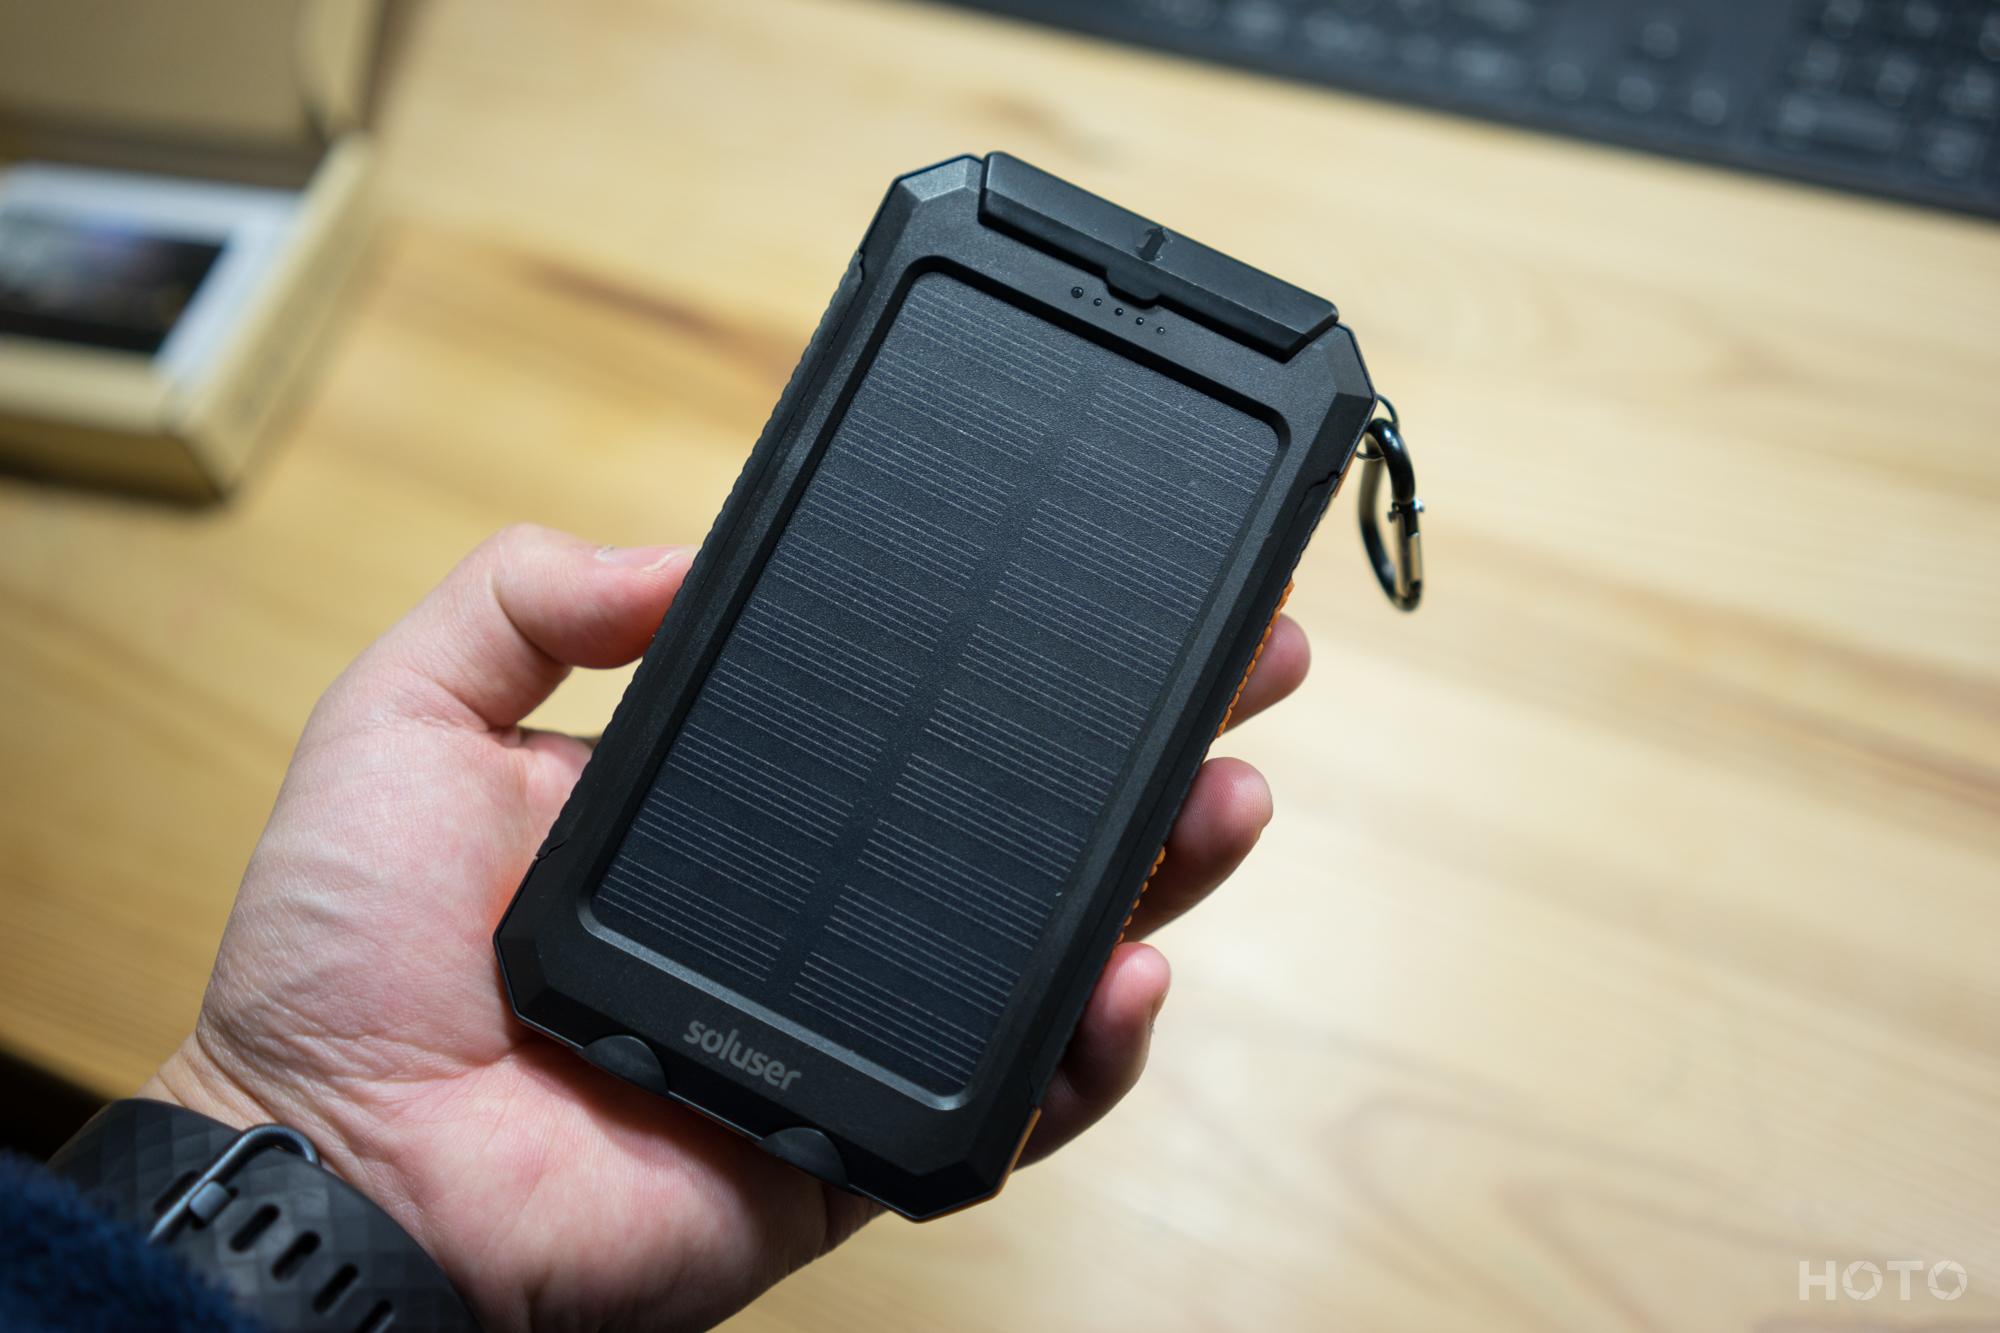 アウトドアの必須アイテム!太陽光充電ができる!soluserのソーラーモバイルバッテリー